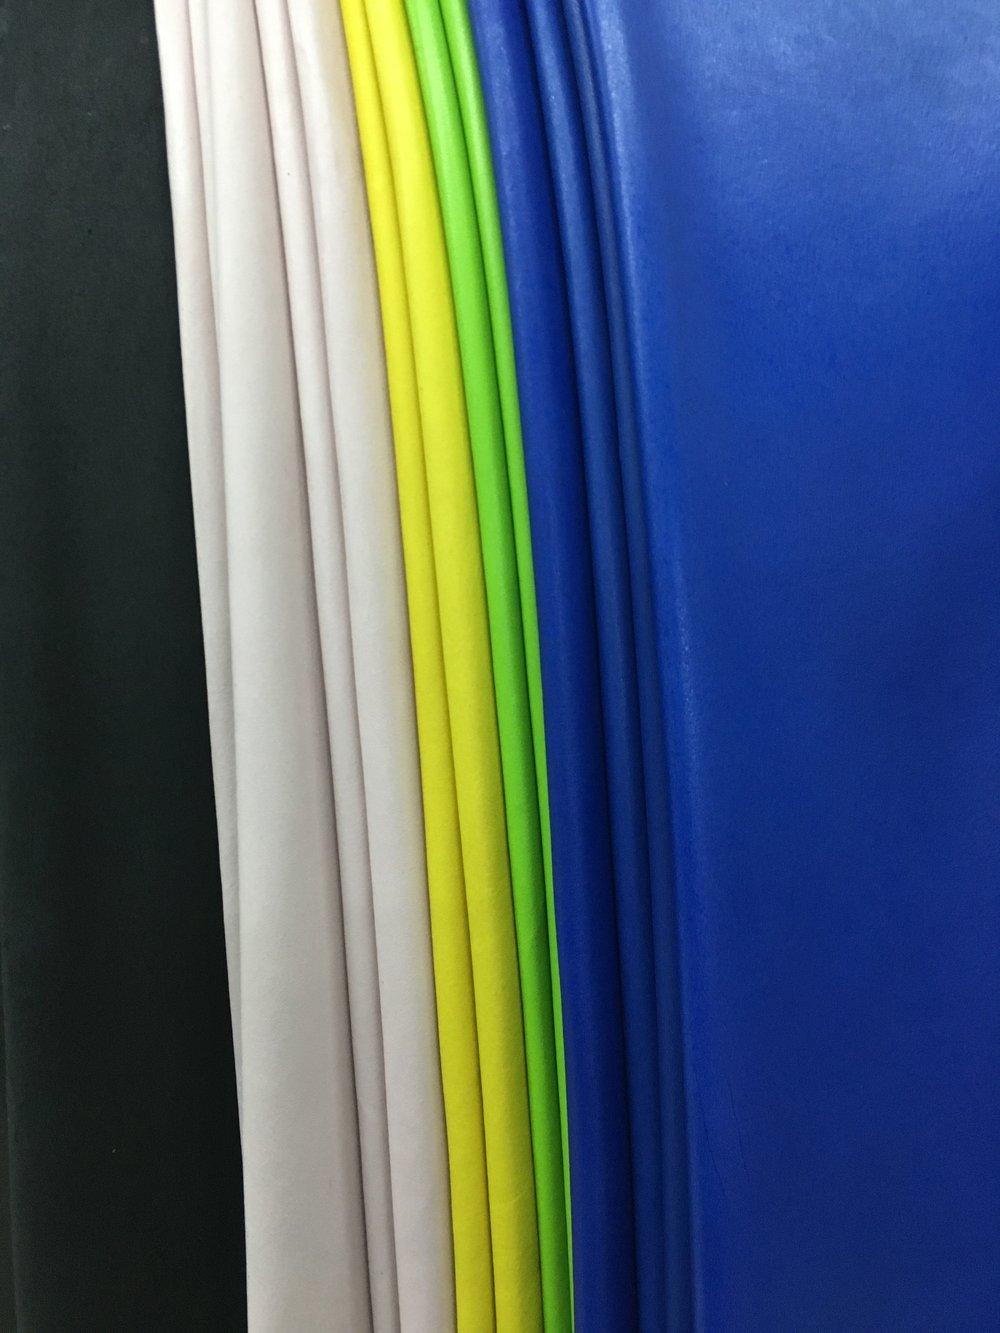 Colour production